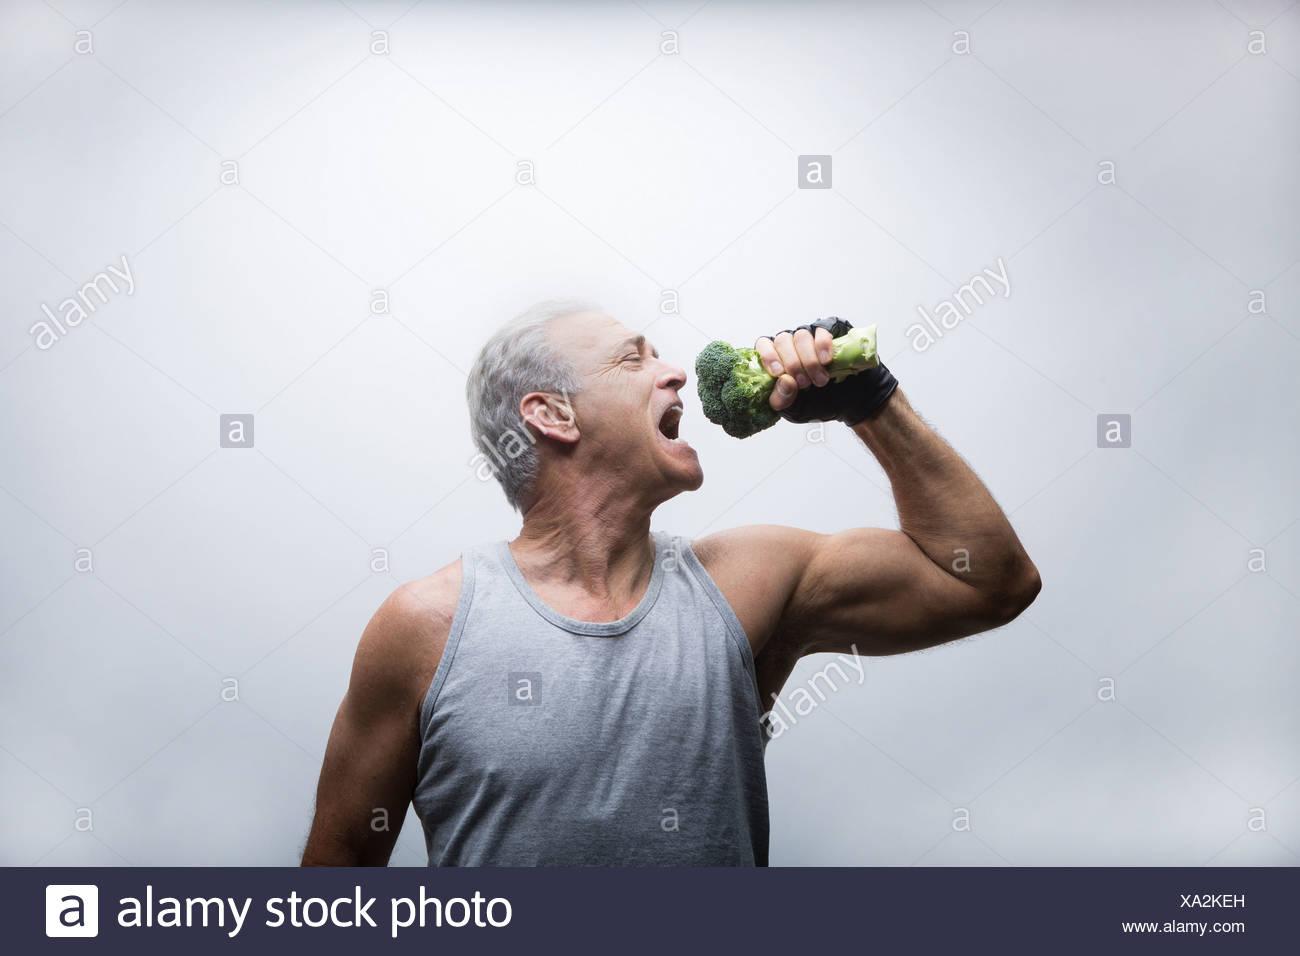 Man sur le point de manger du brocoli Photo Stock